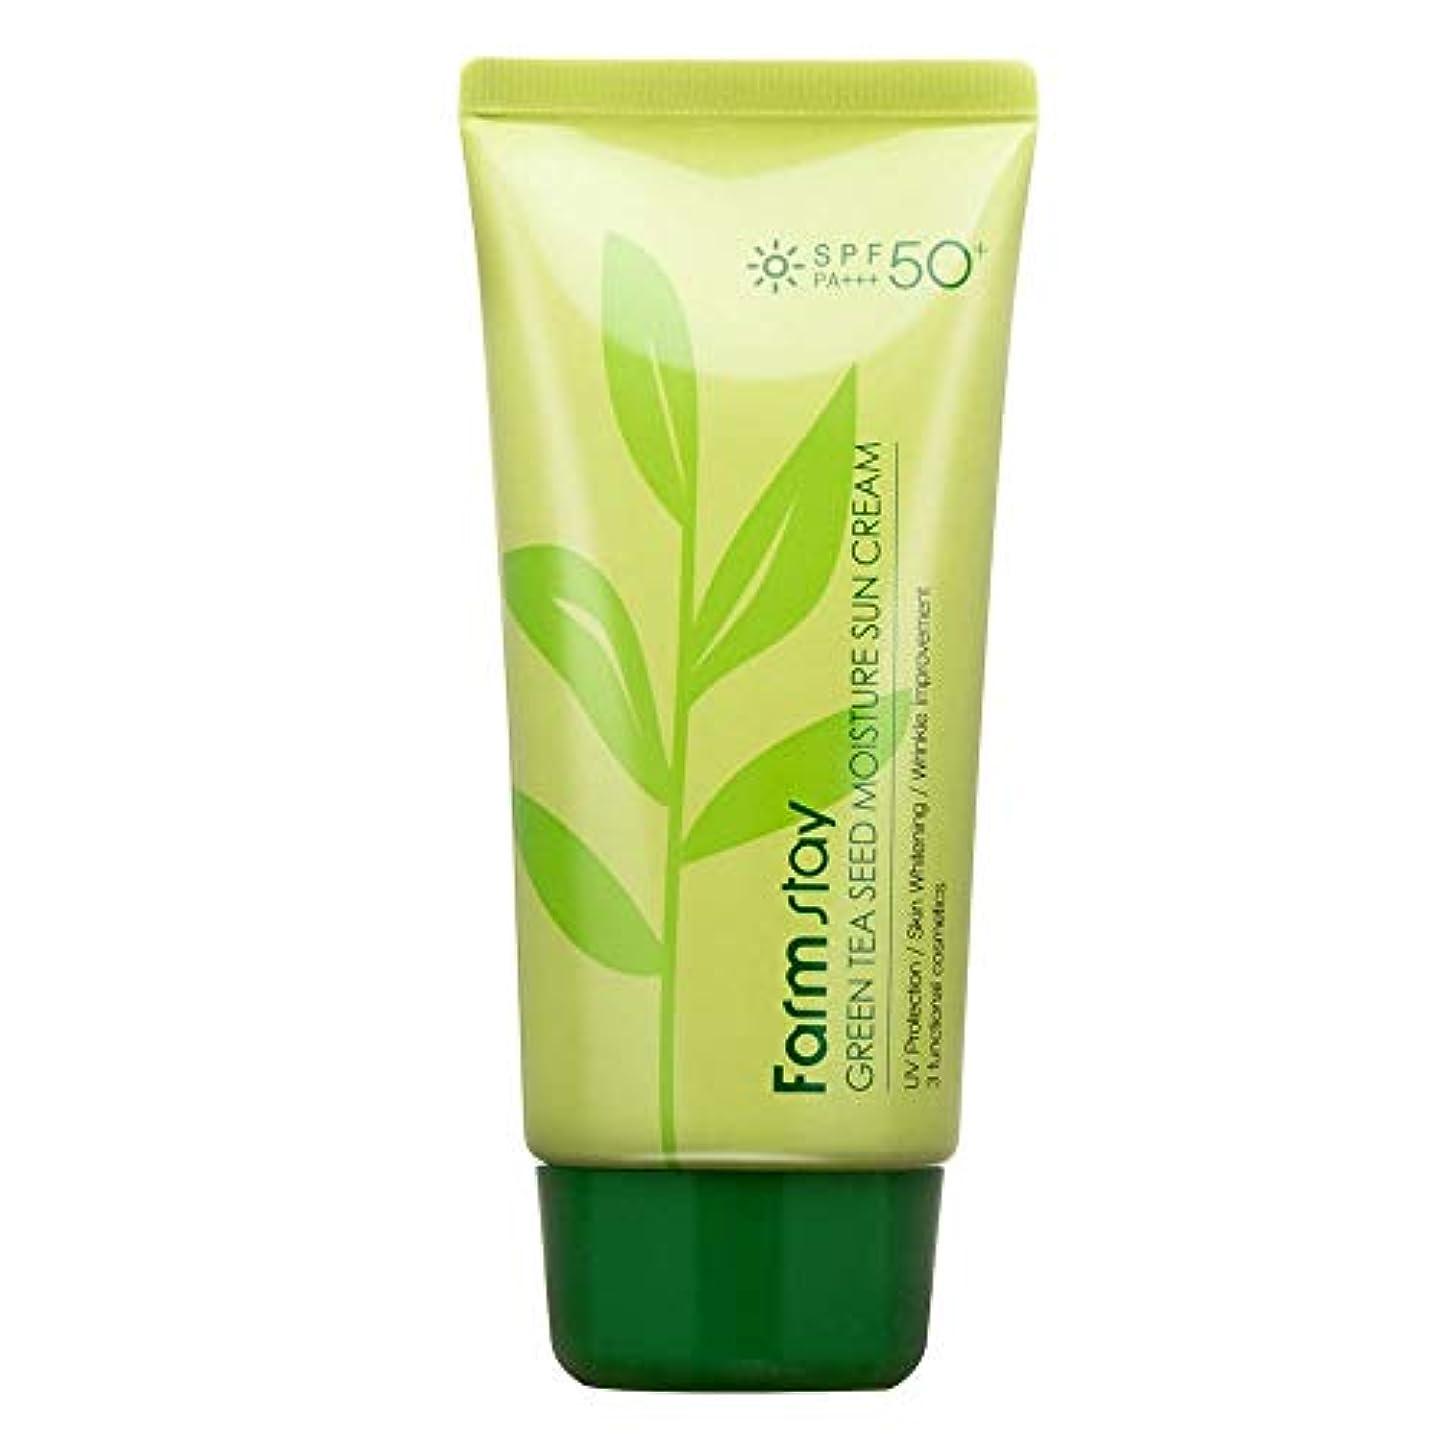 外科医明らかに極端なファームステイ[Farm Stay] グリーンティーシードモイスチャーサンクリーム 70g (美白&しわ防止) / Green Tea Seed Moisture Sun Cream